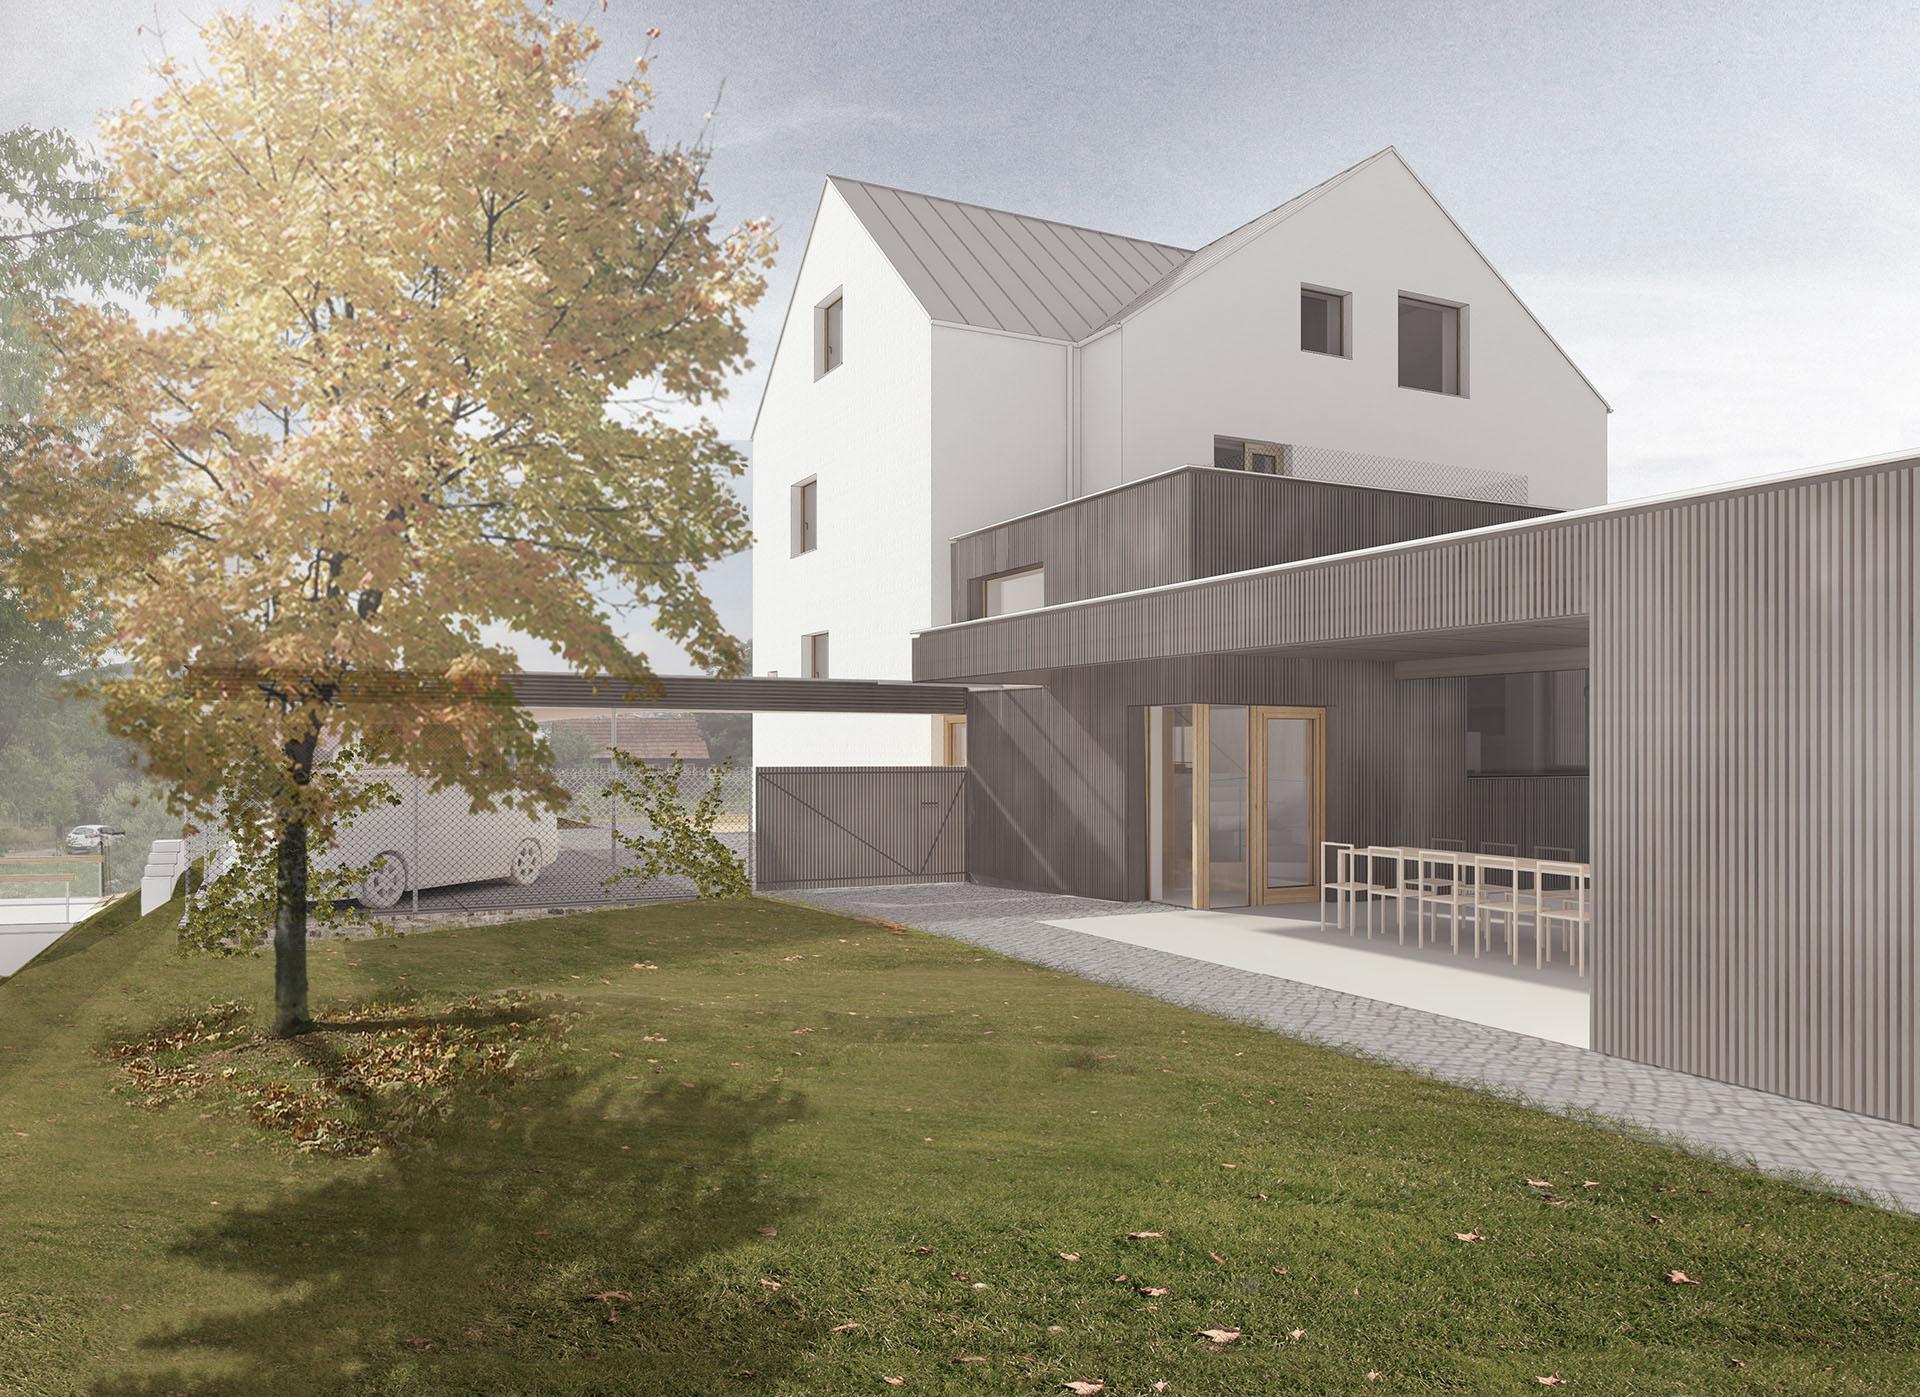 Vila Pozlovice s přístavbou a krytou terasou při pohledu ze zahrady